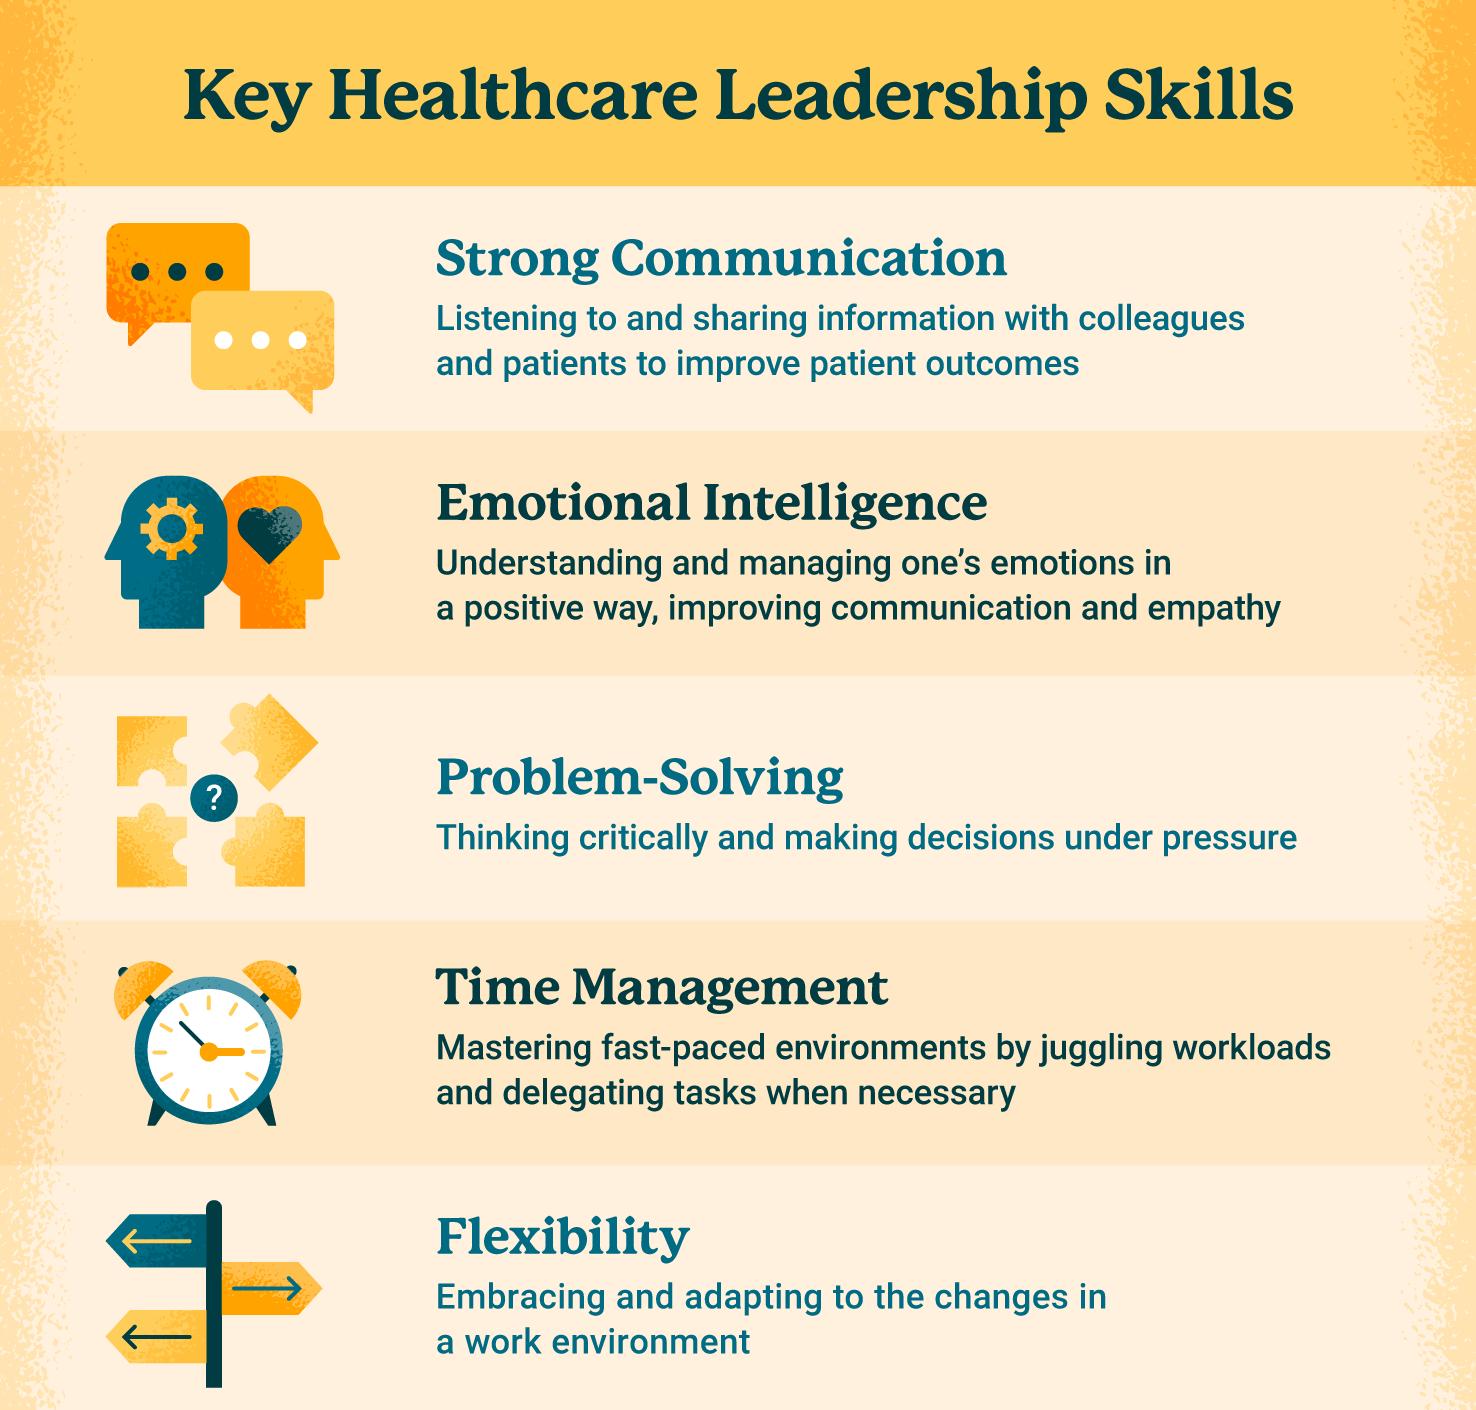 List of key healthcare leadership skills graphic